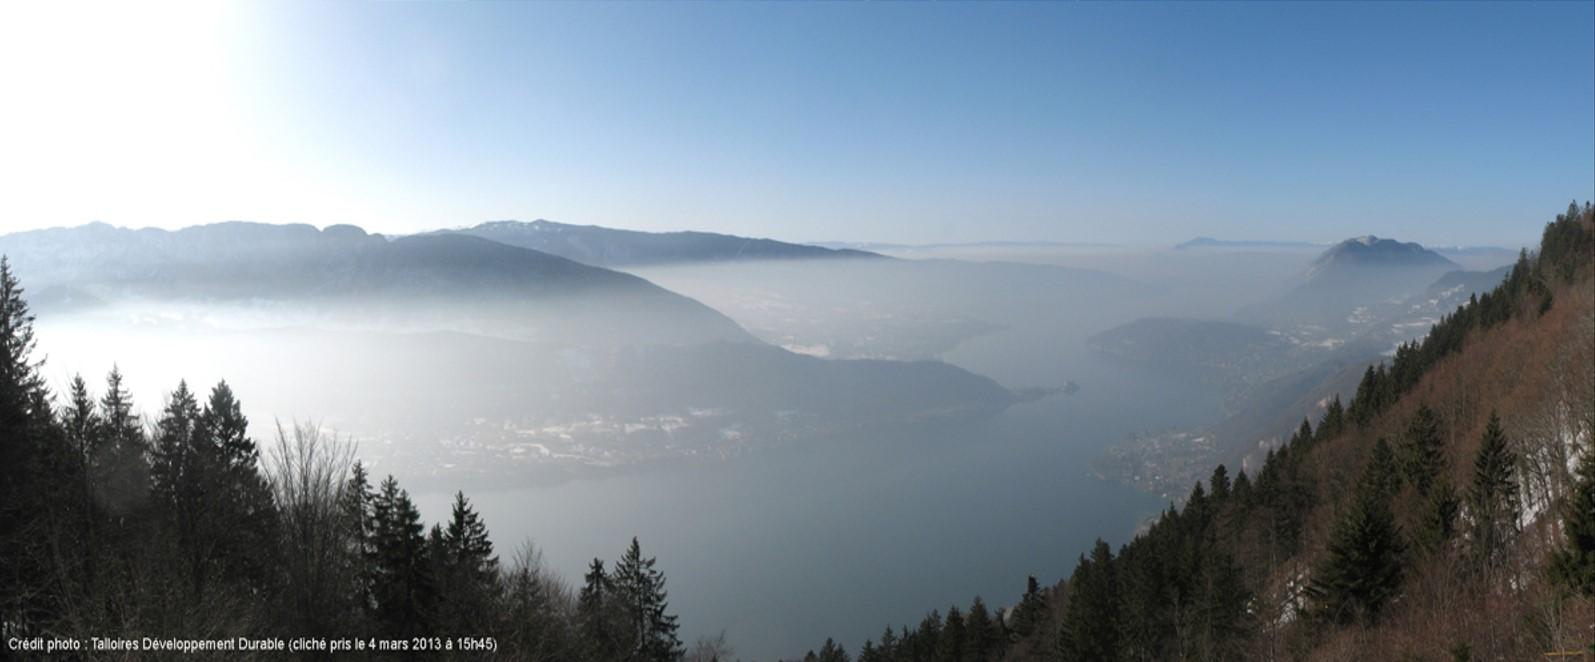 Lac Pollution Talloire développement durable